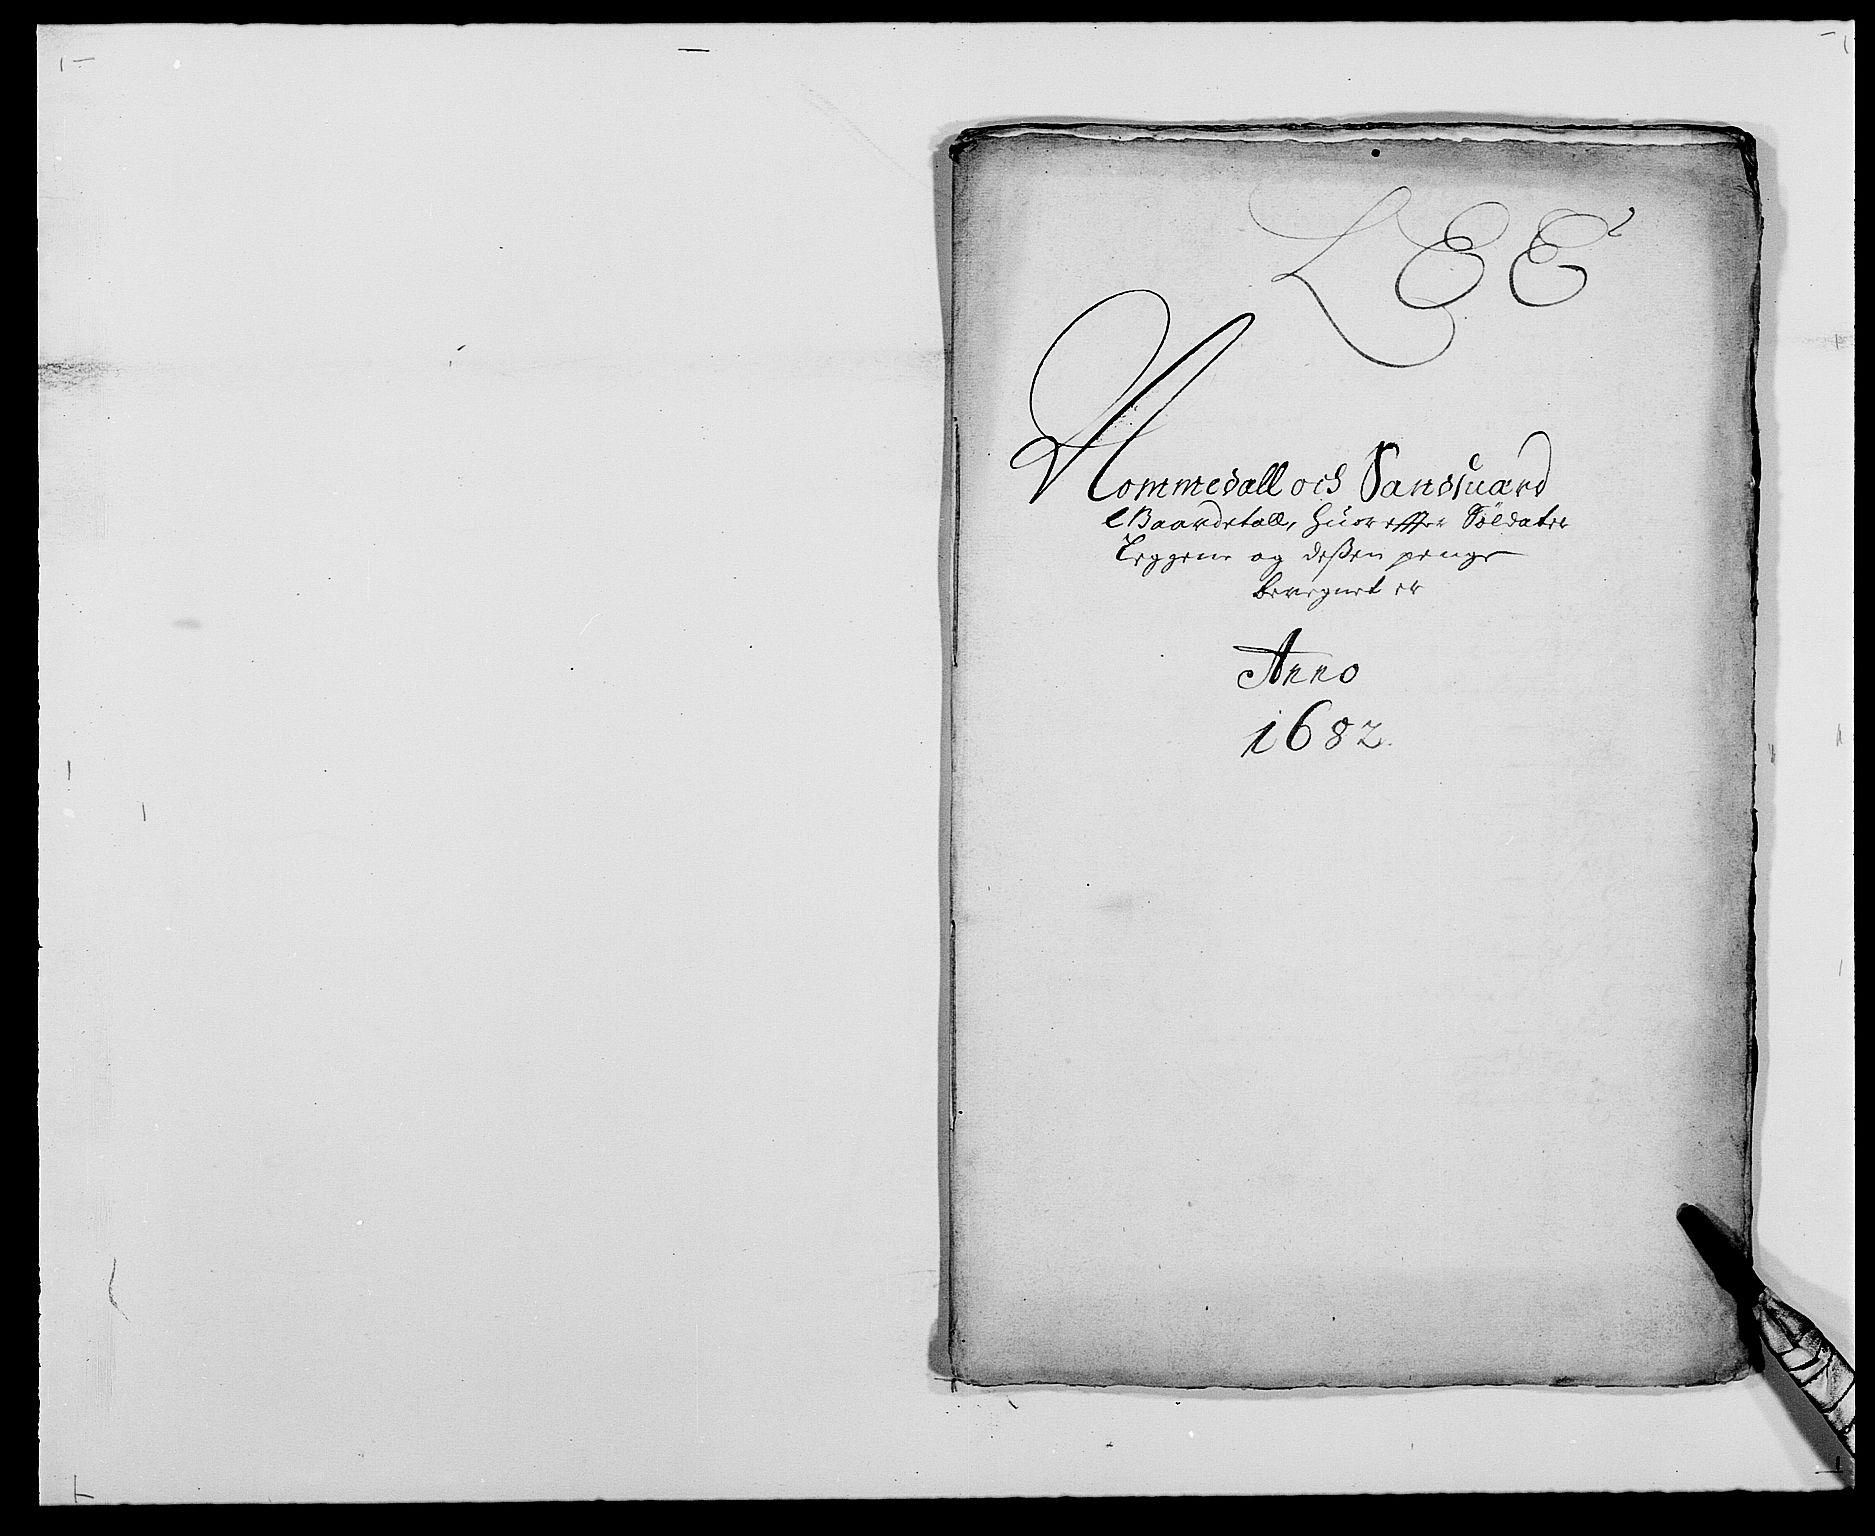 RA, Rentekammeret inntil 1814, Reviderte regnskaper, Fogderegnskap, R24/L1570: Fogderegnskap Numedal og Sandsvær, 1679-1686, s. 136